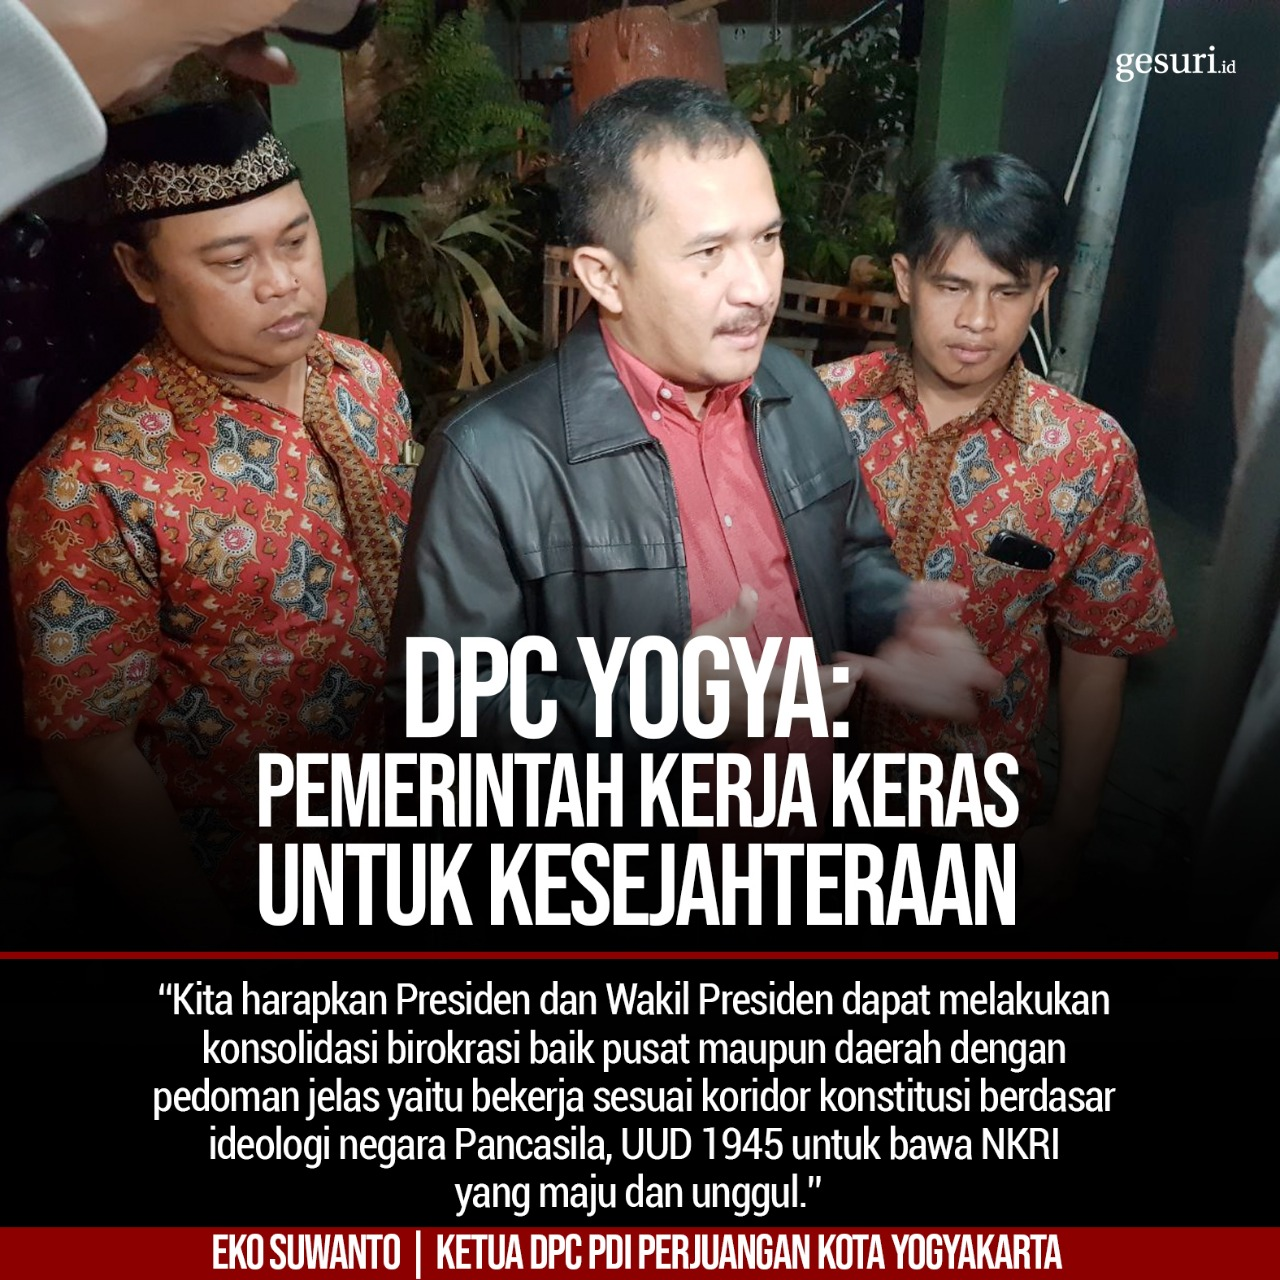 DPC Yogya: Pemerintah Kerja Keras untuk Kesejahteraan